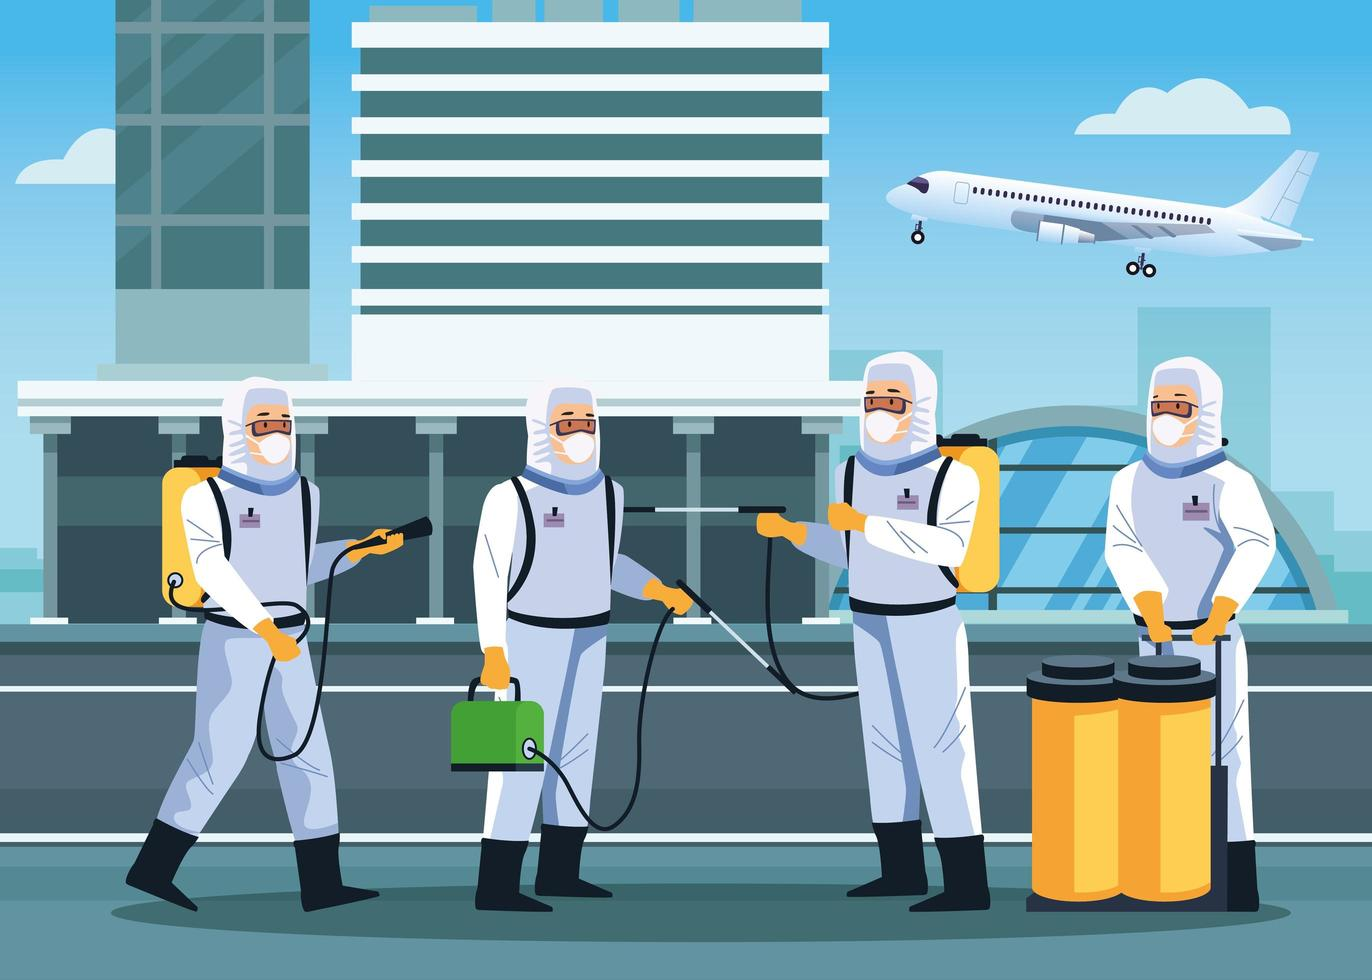 quatro trabalhadores de biossegurança desinfetam aeroporto para covid 19 vetor